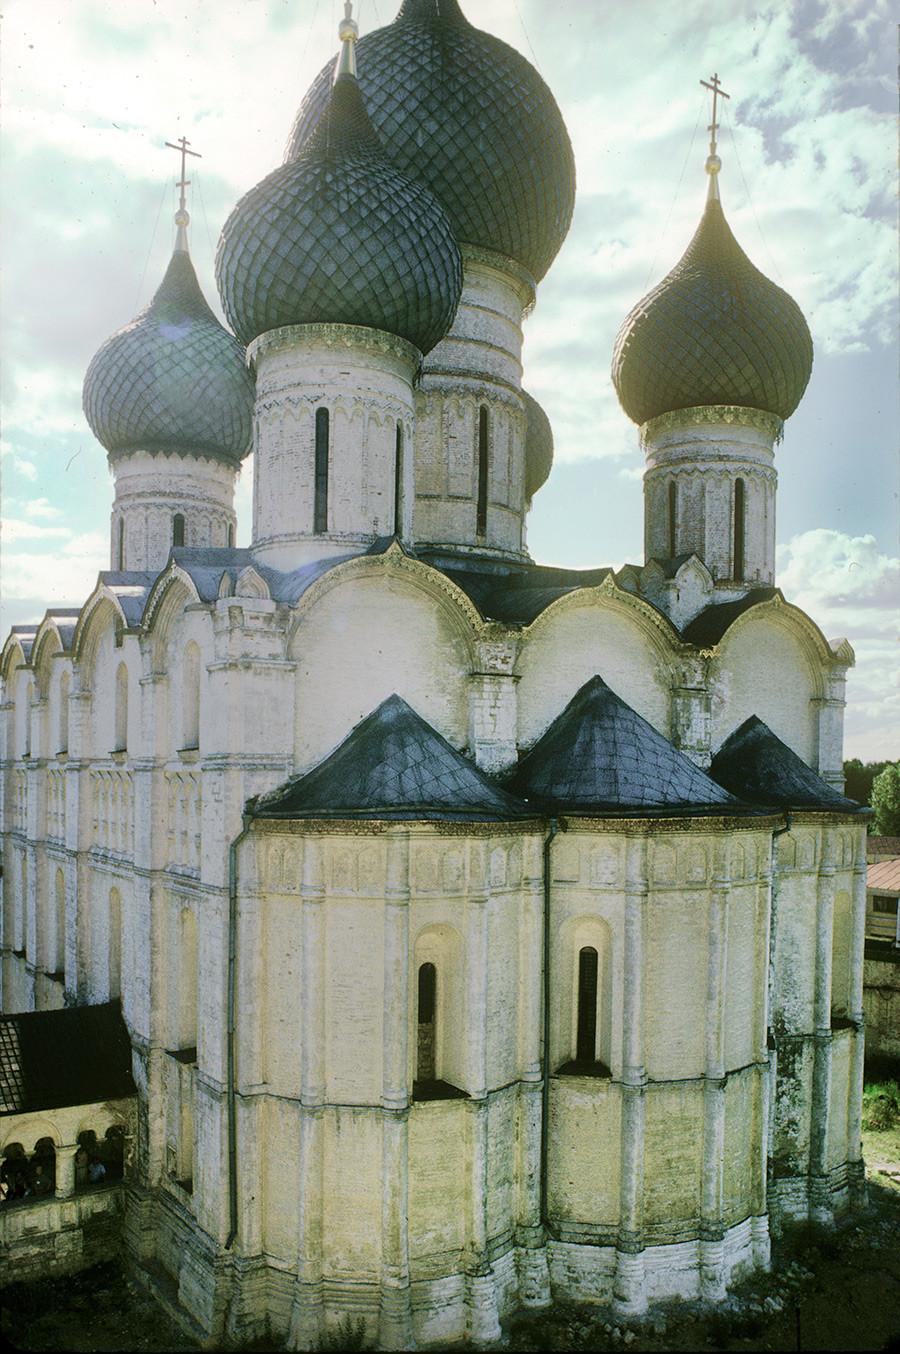 ウスペンスキー聖堂。鐘楼から南東を望む。1995年6月28日。